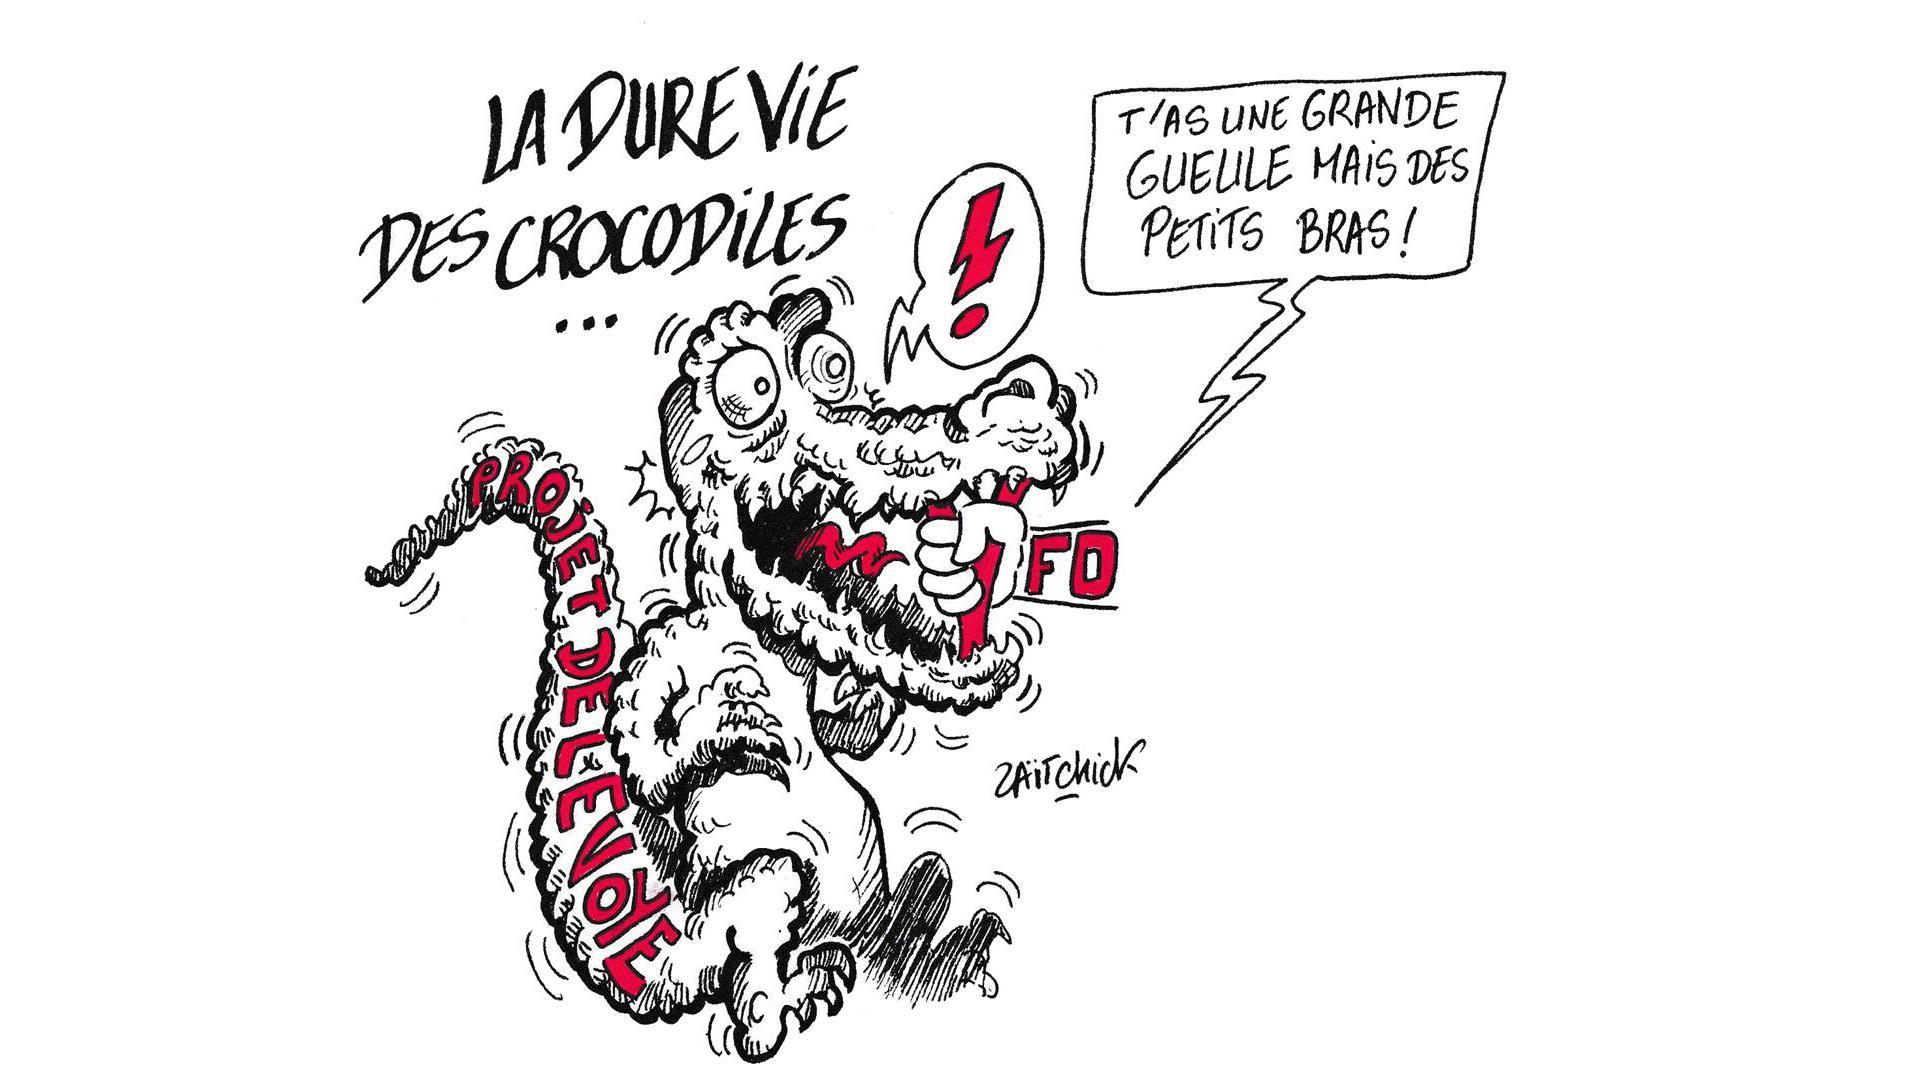 La-dure-vie-des-crocodiles-Large-Large